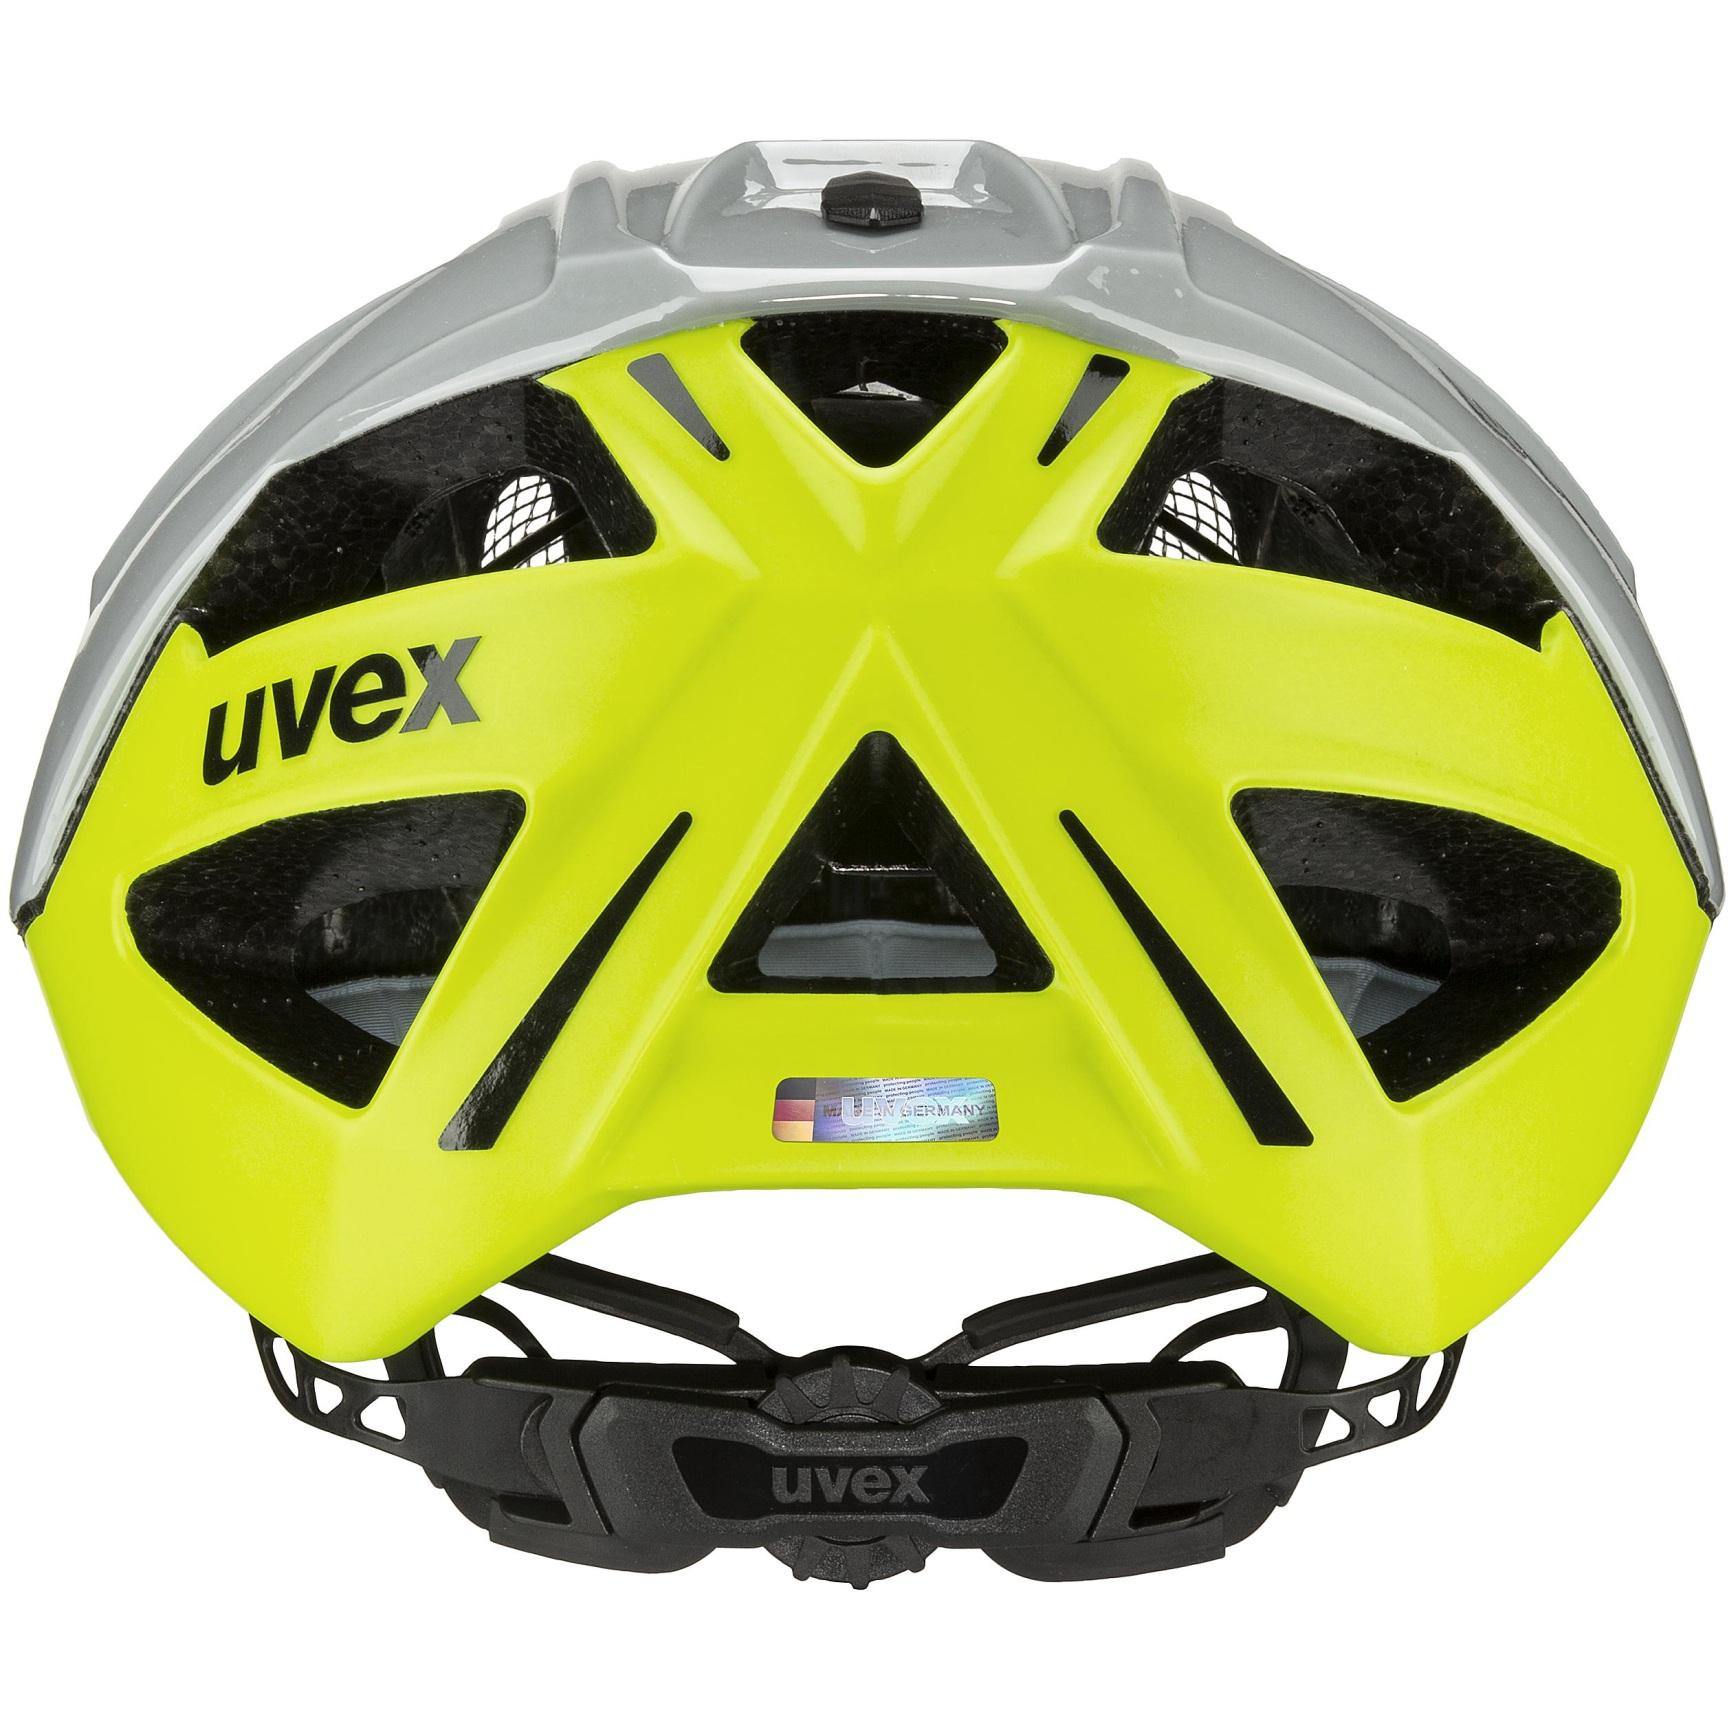 Bild von Uvex gravel-x Helm - rhino-neon yellow